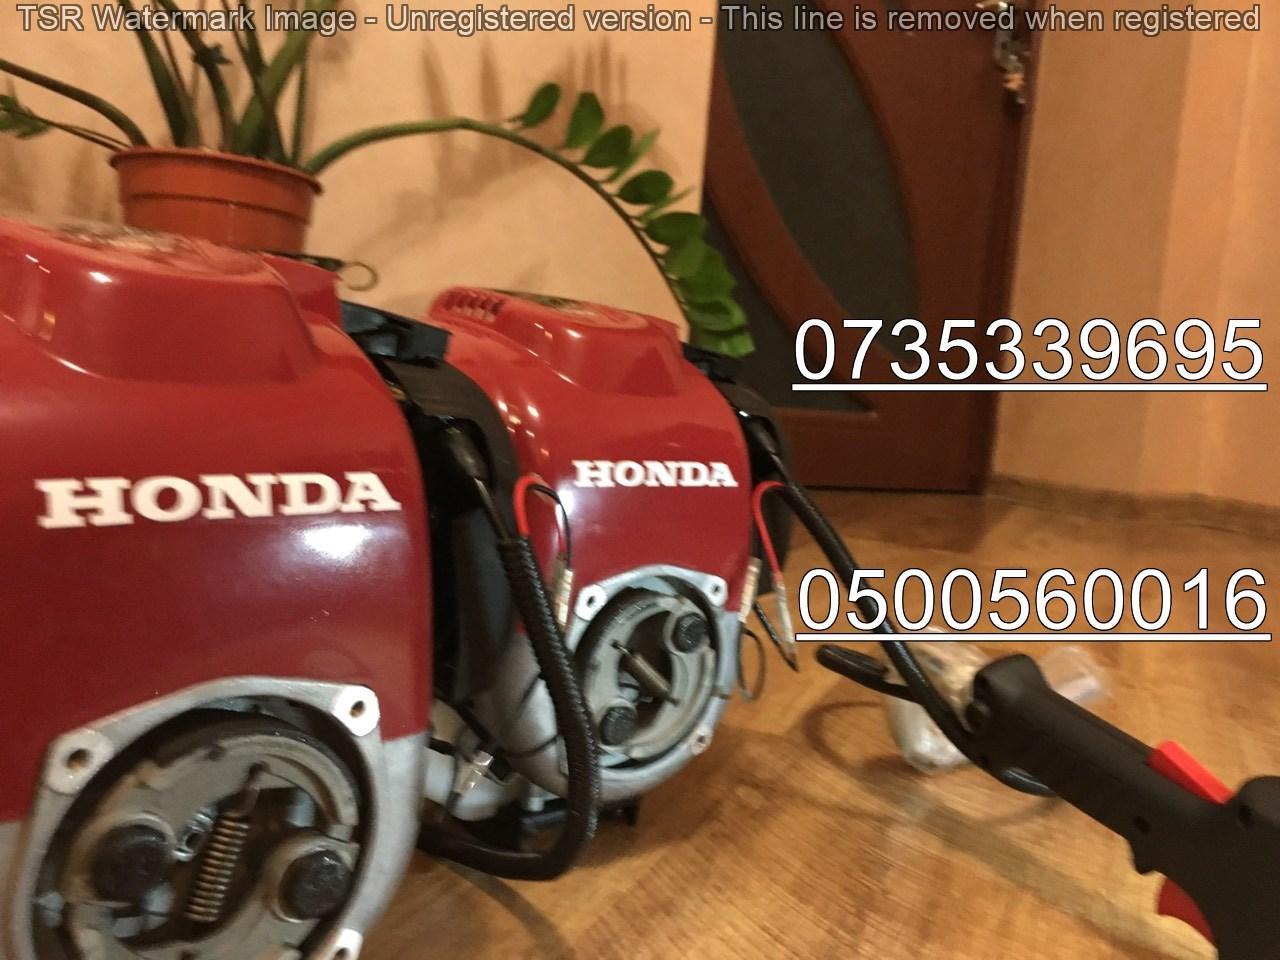 Мотокоса HONDA GX35 (3,5 кВт, 4-х тактный двигатель) Бензокоса Мотокос 9